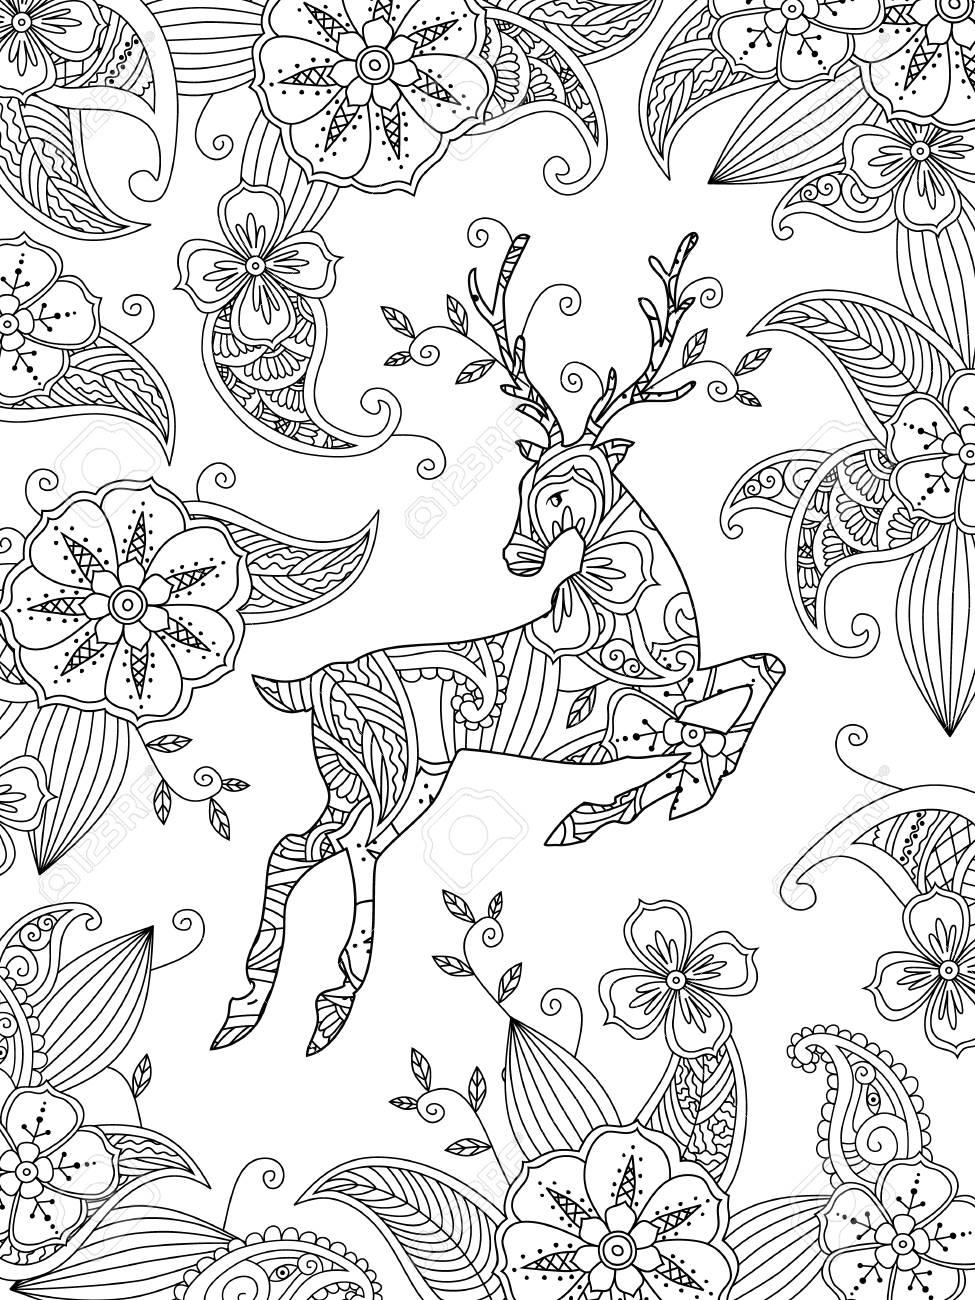 Página Para Colorear Con Ciervos Y Fondo Floral. Composición ...